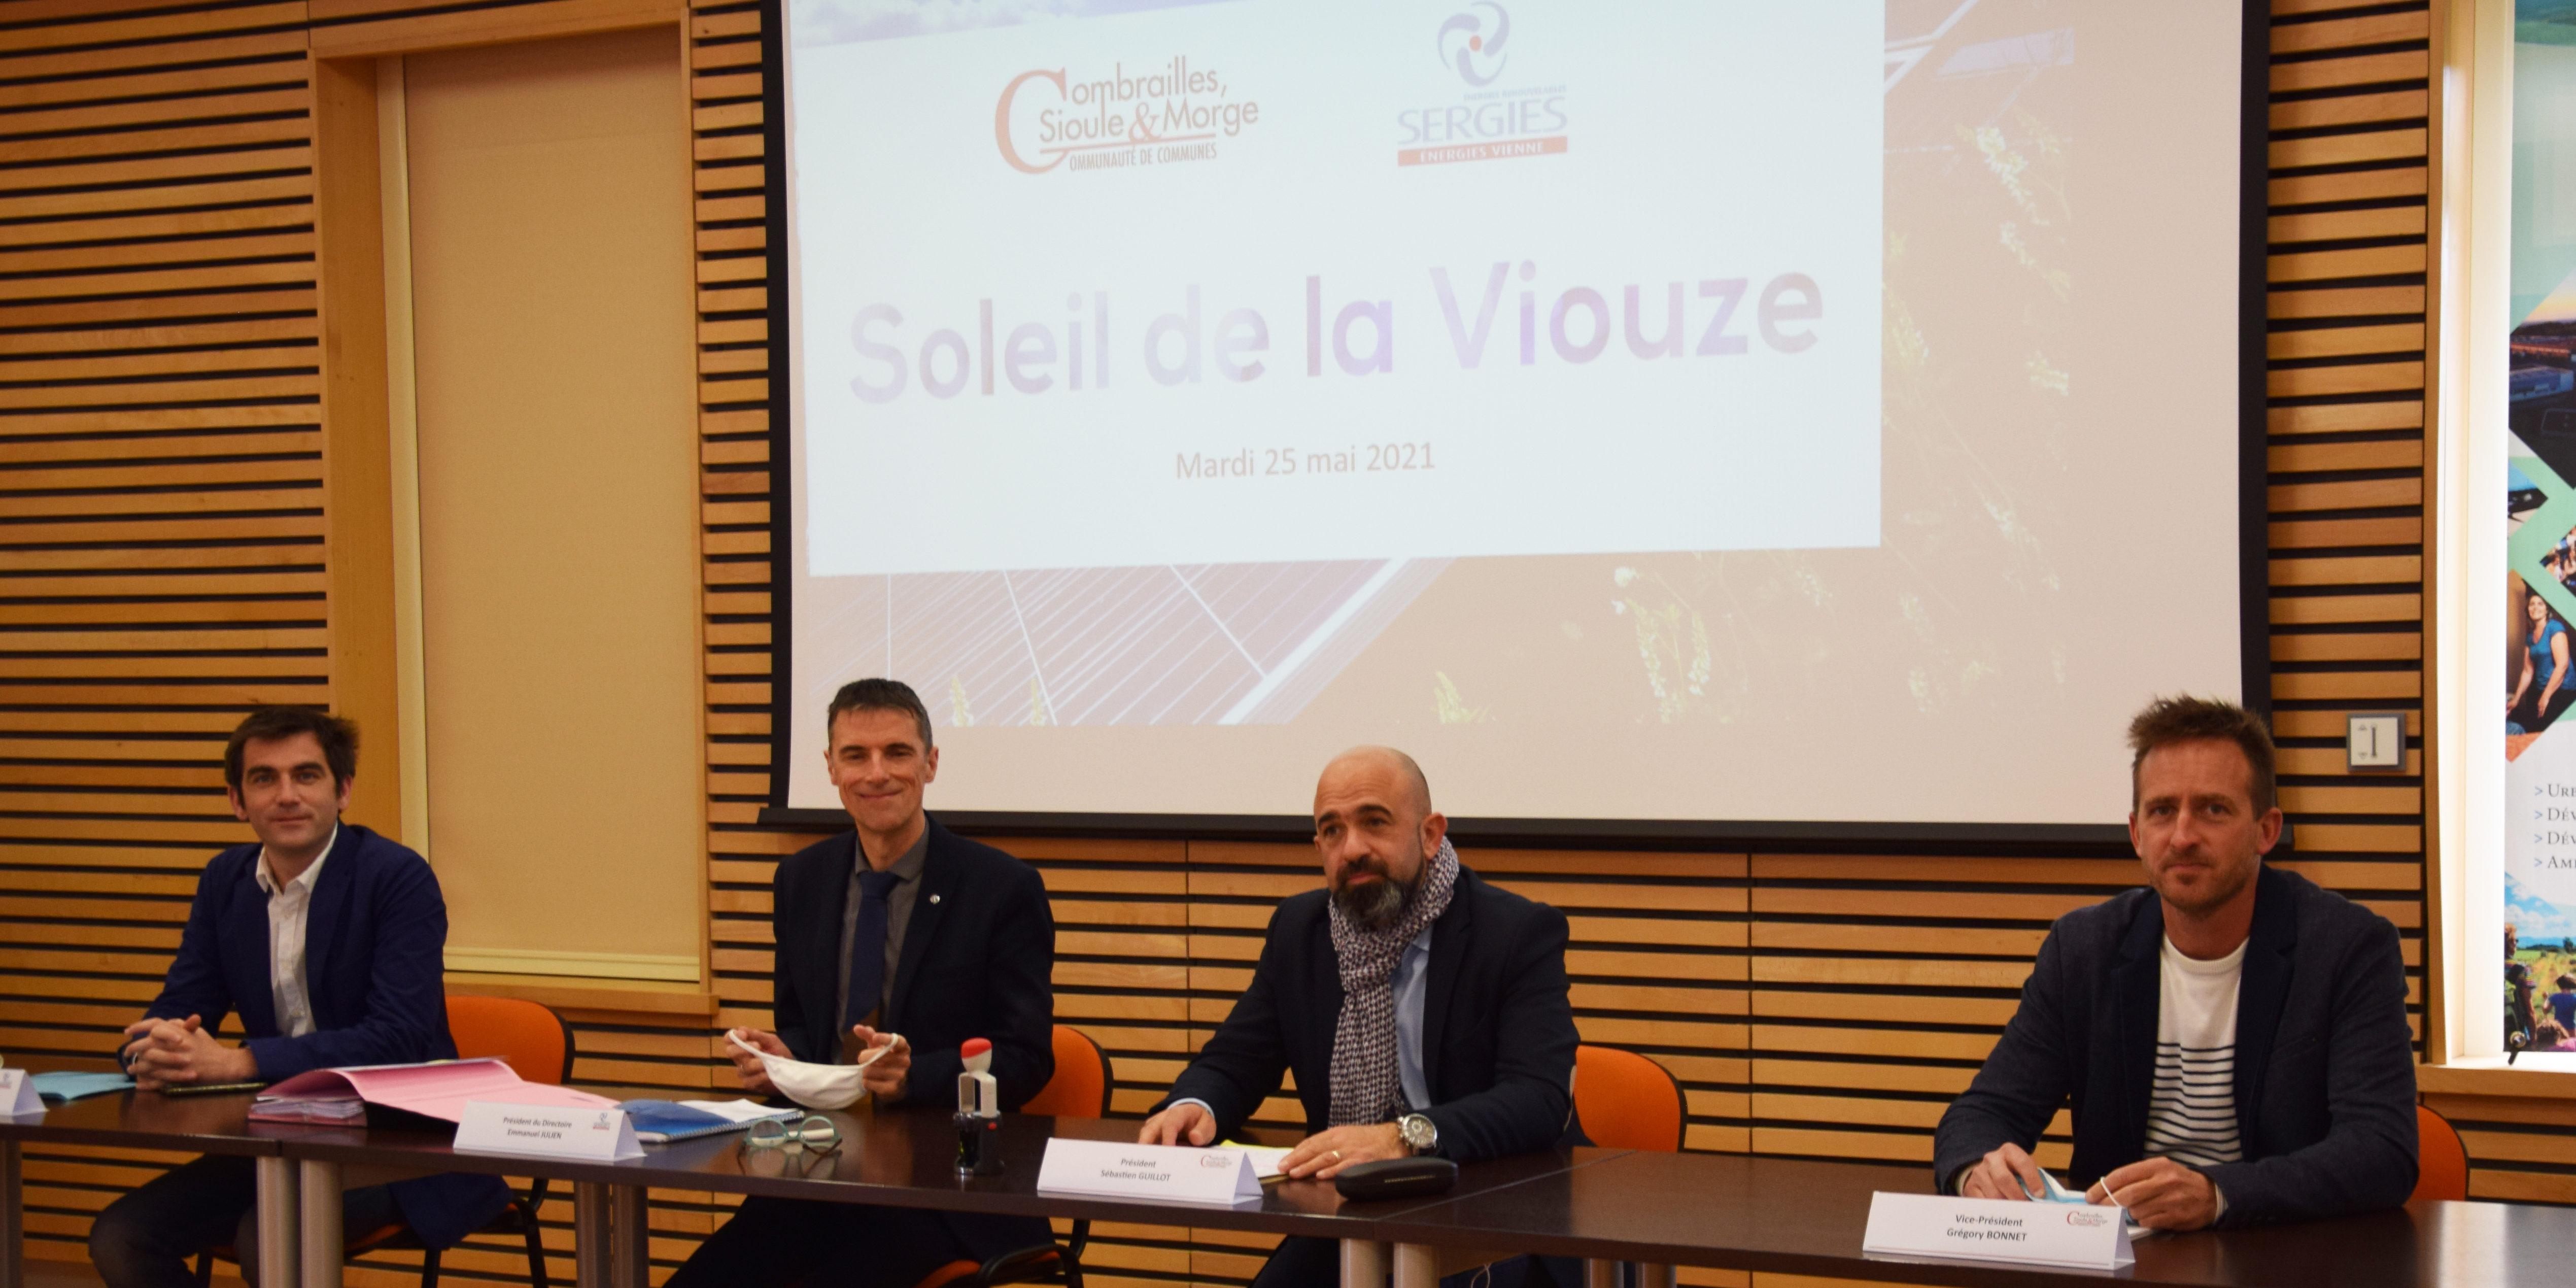 """Combrailles, Sioule et Morge, coactionnaire de la société de projet """"Soleil de la Viouze"""""""